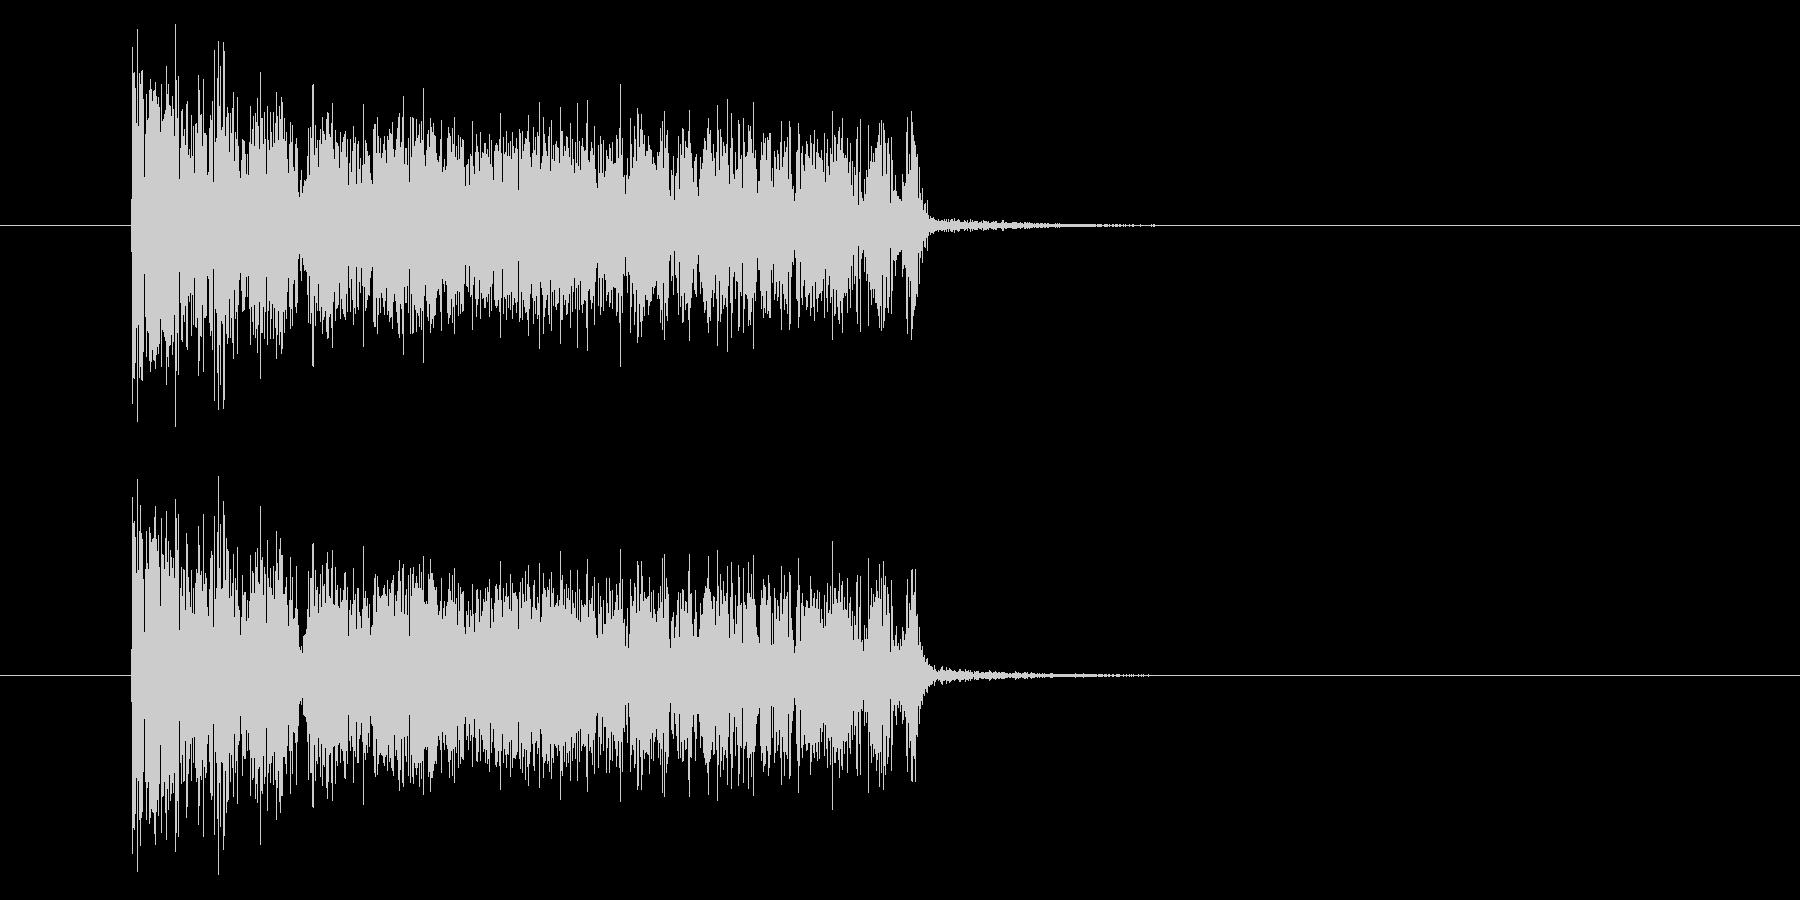 ザザッ/ノイズ/場面転換/短い/場面転換の未再生の波形